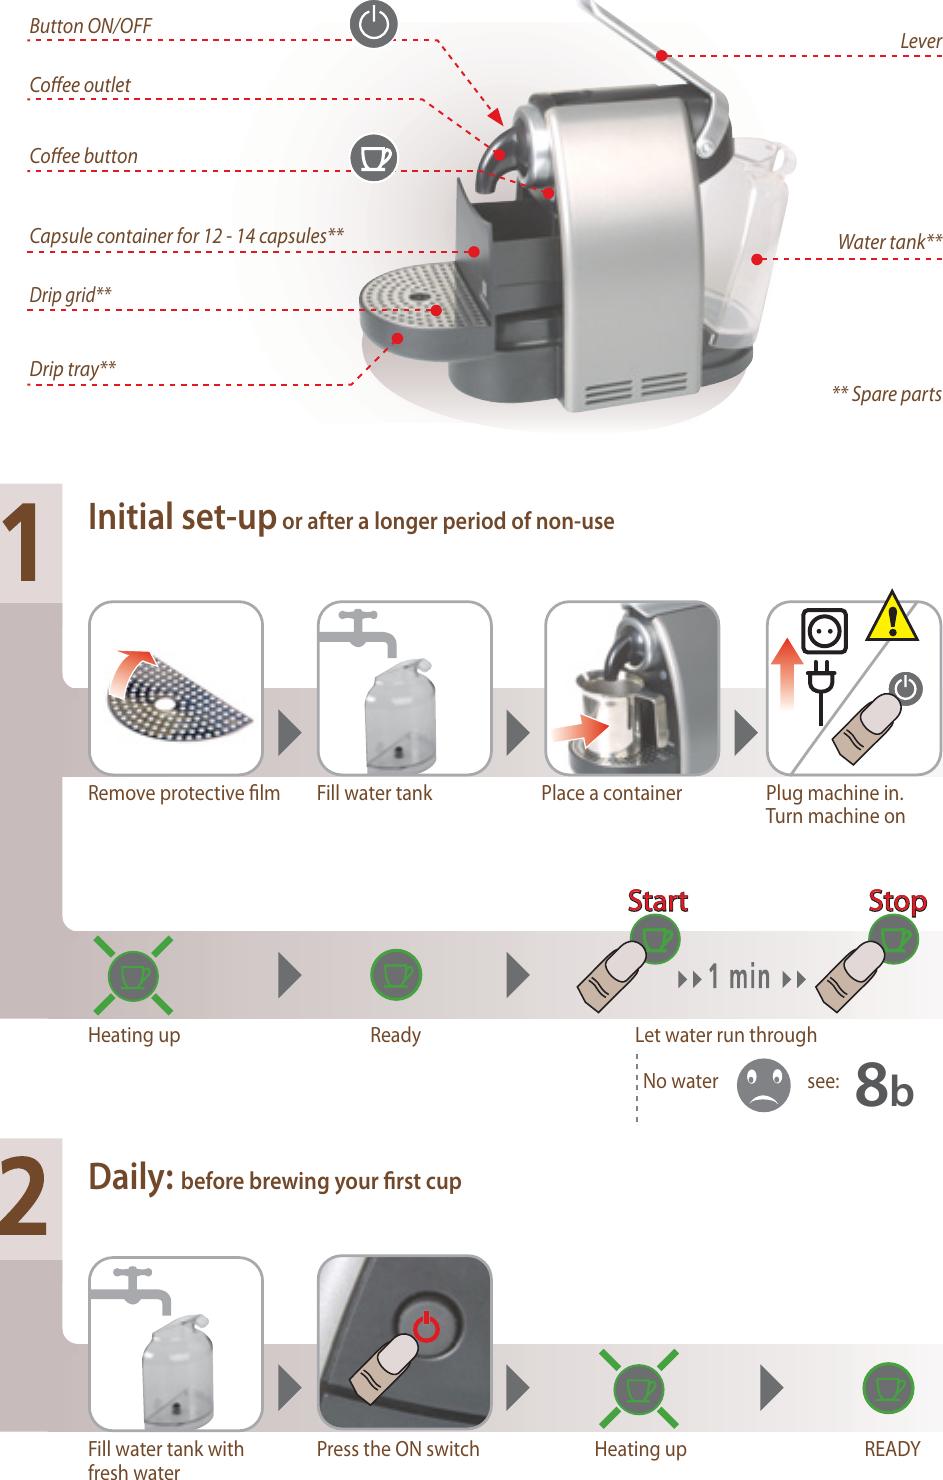 Nespresso coffeemaker m100 user guide | manualsonline. Com.